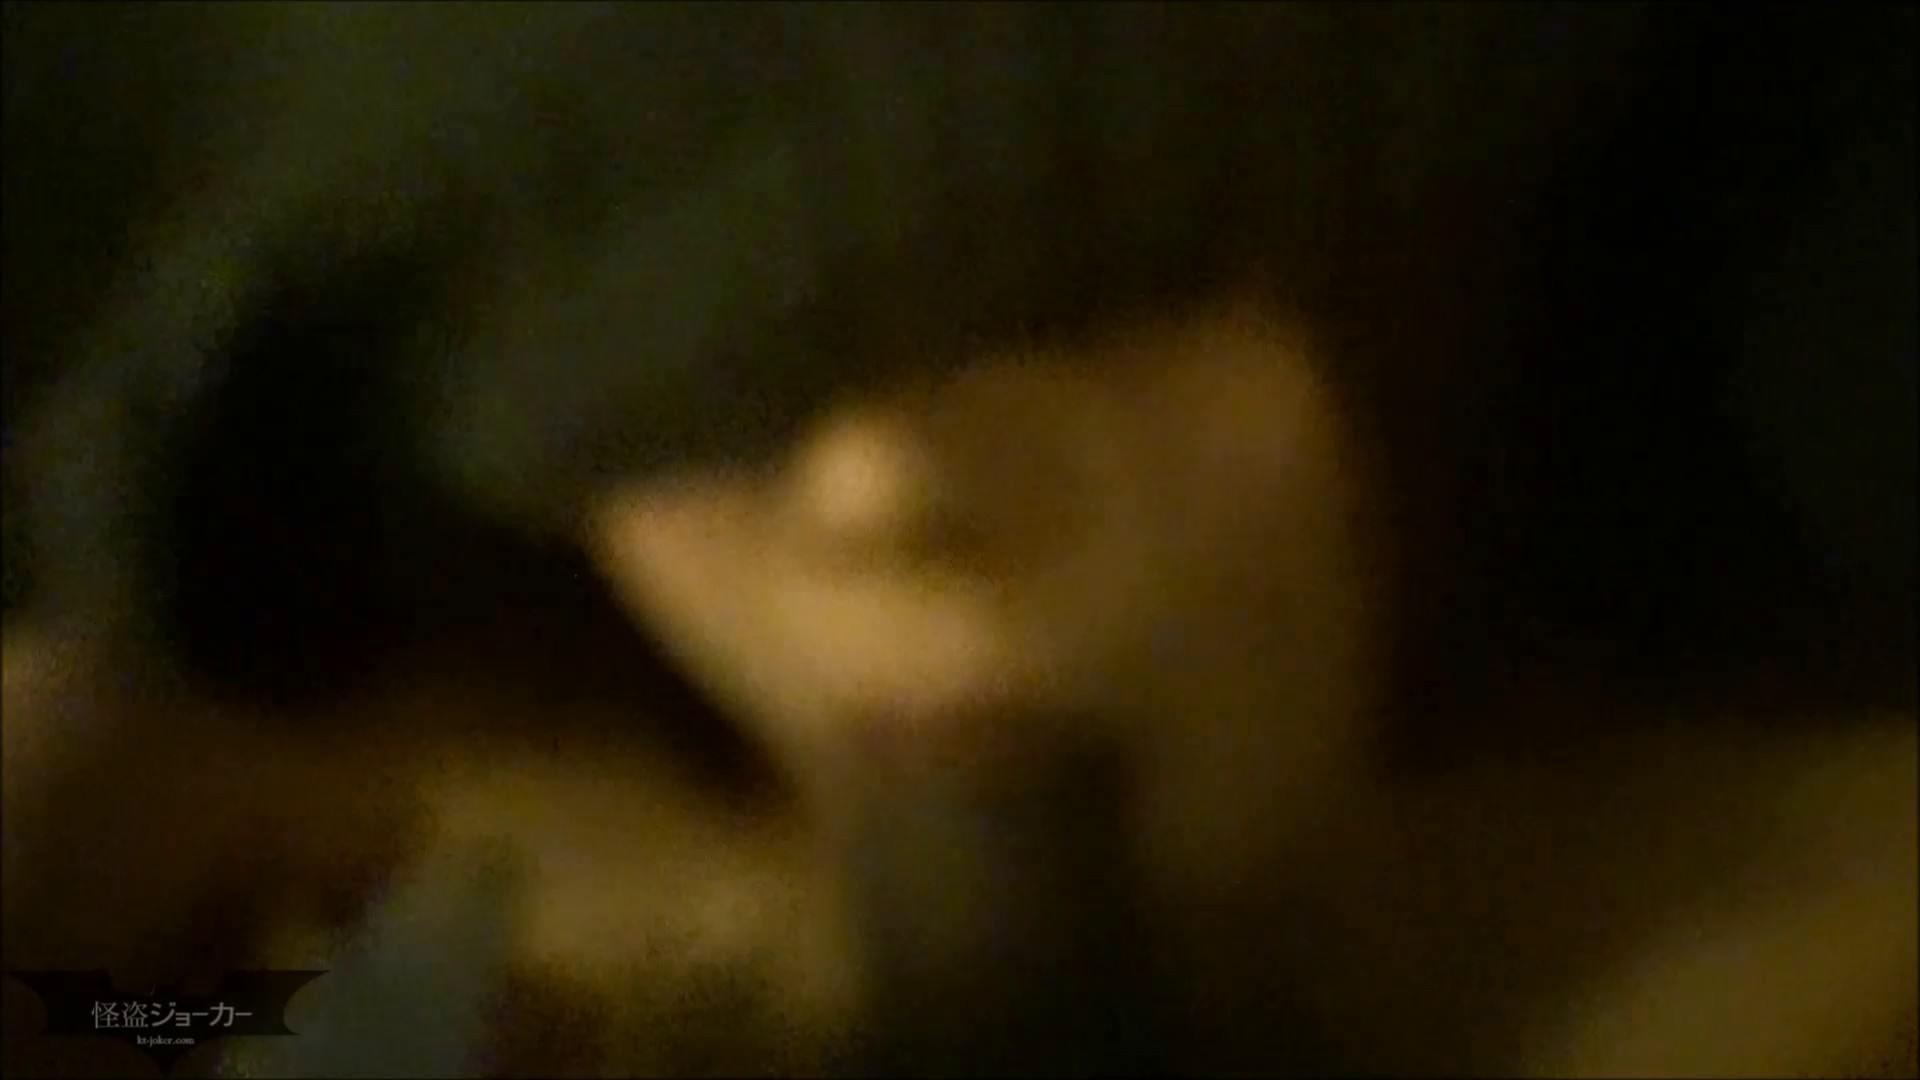 【未公開】vol.104  {黒髪→茶髪ボブに変身}美巨乳アミちゃん④【後編】 ギャル おめこ無修正画像 97pic 66